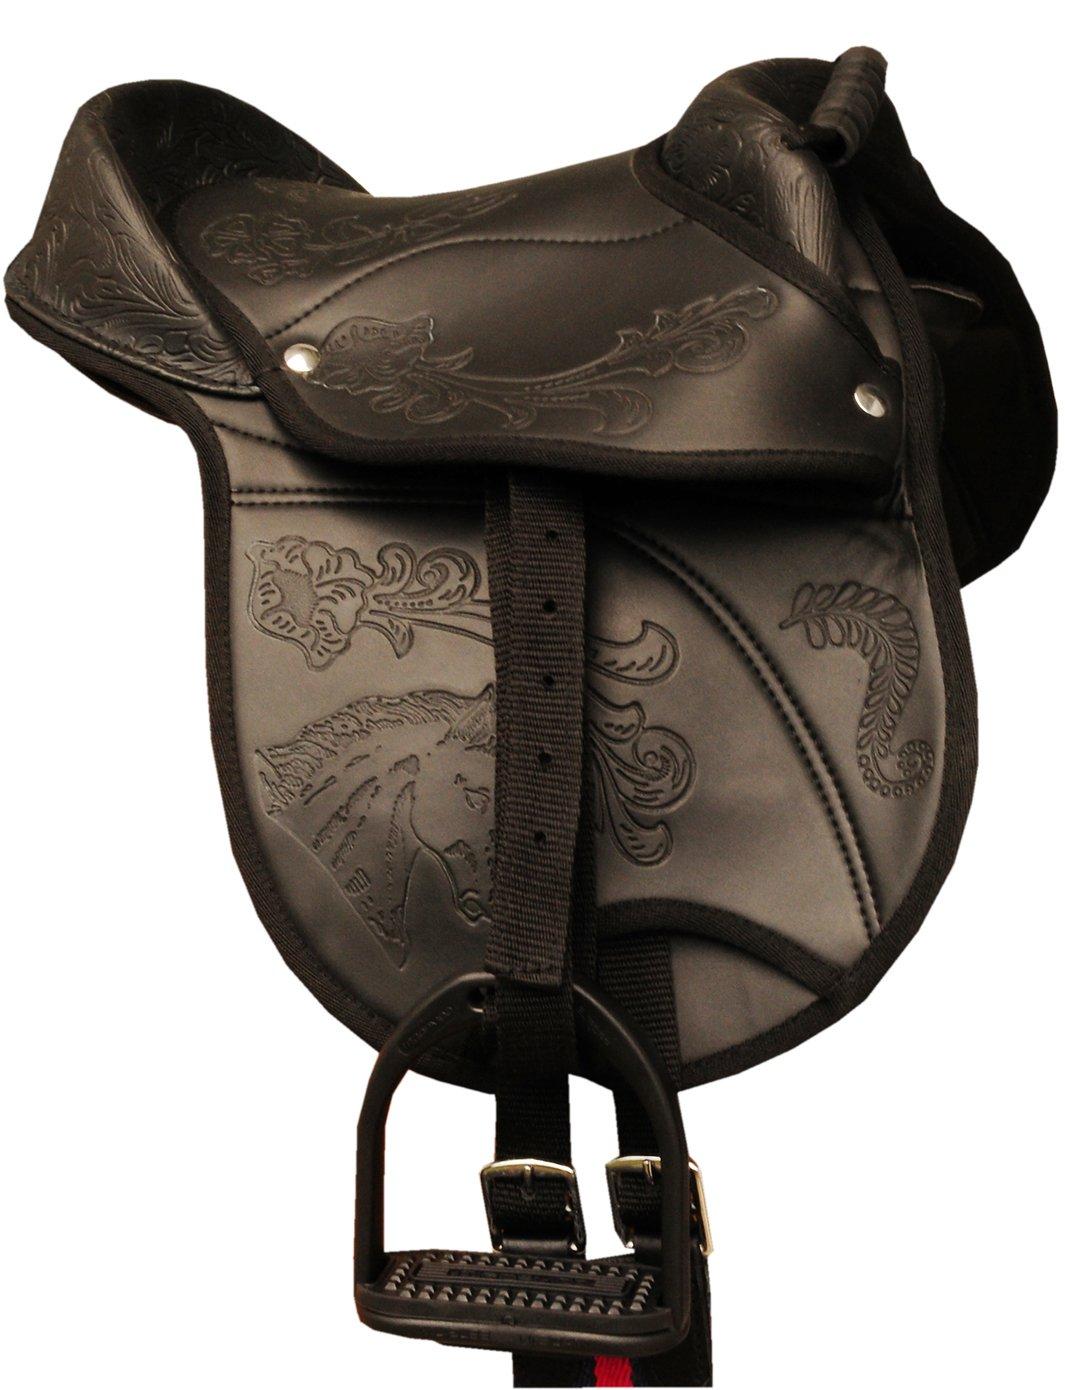 Amesbichler AMKA Reitkissen Nevio Pony-SHETTY Sattel 10″ komplettes Set mit Riemen, Gurt und Steigbügel auch für Holzpferde geeignet SCHWARZ